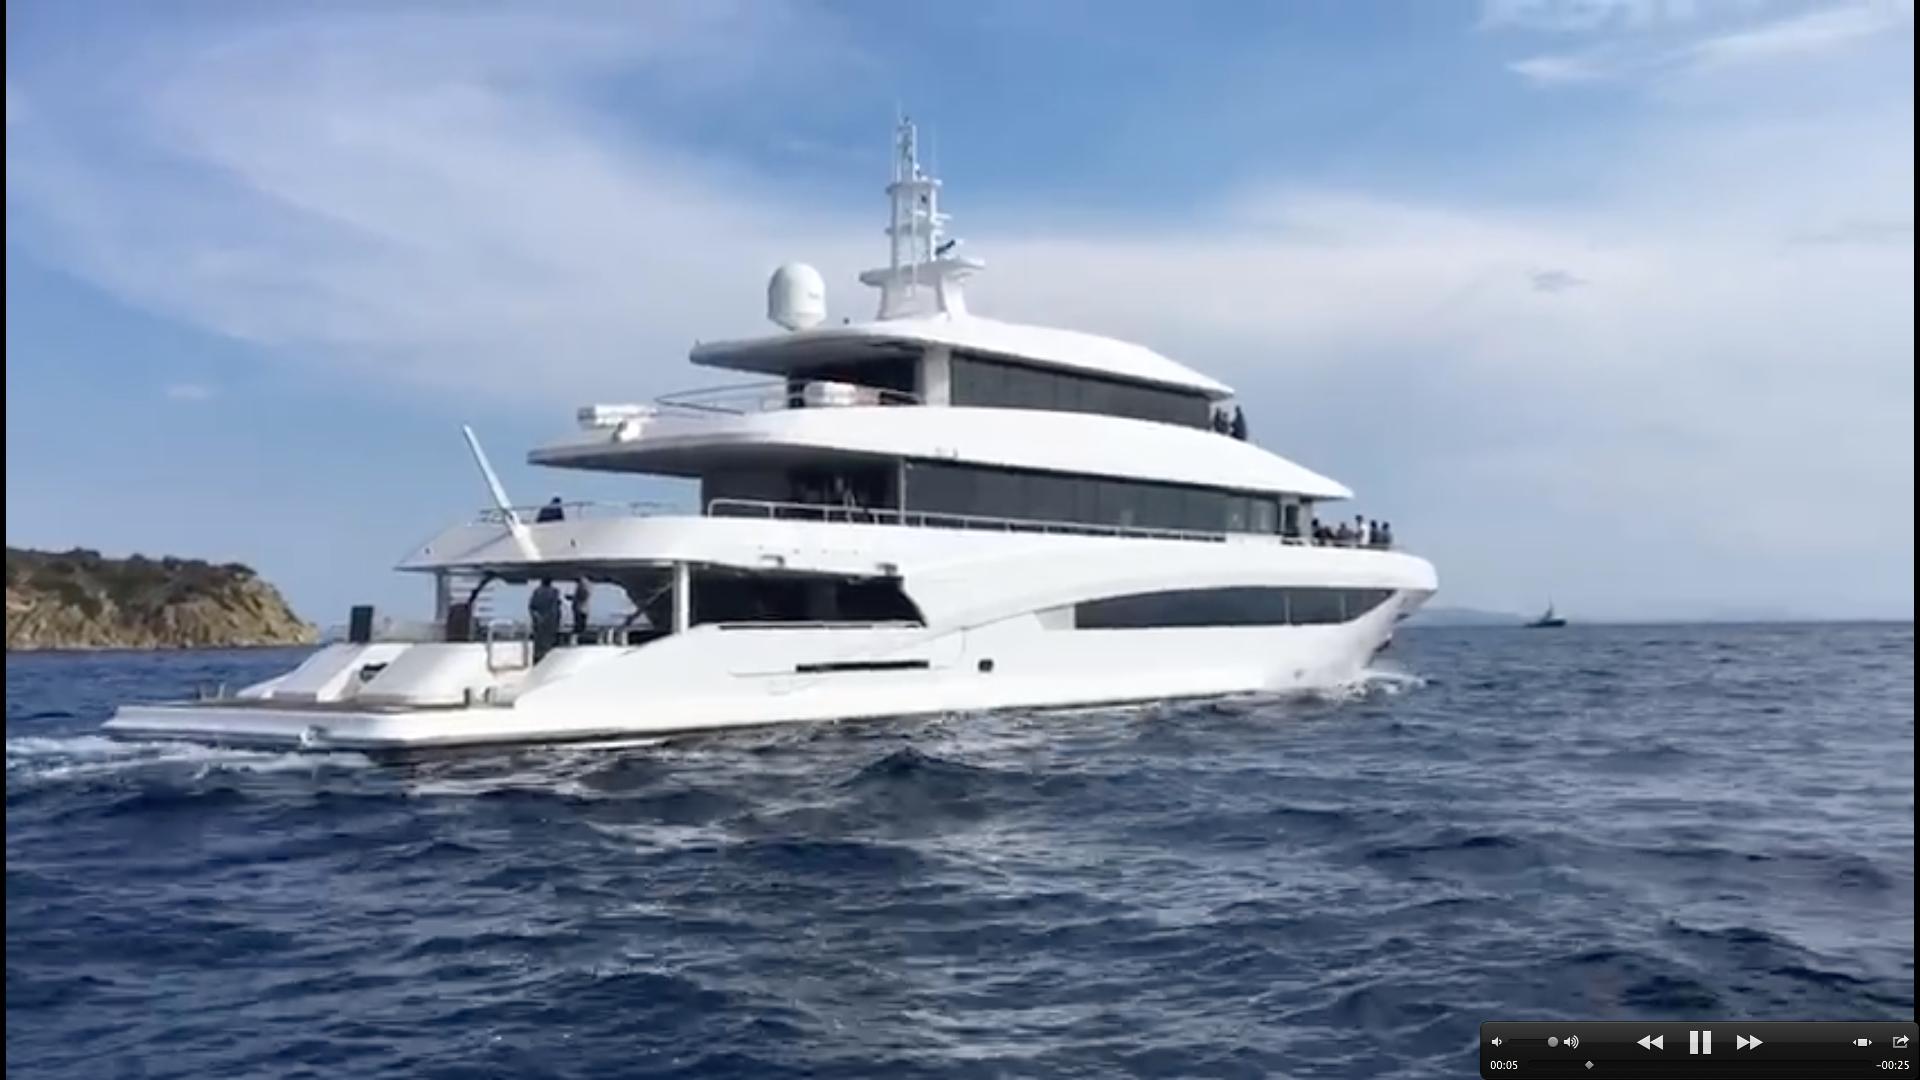 my eden motoryacht golden yachts 45m 2017 half stern